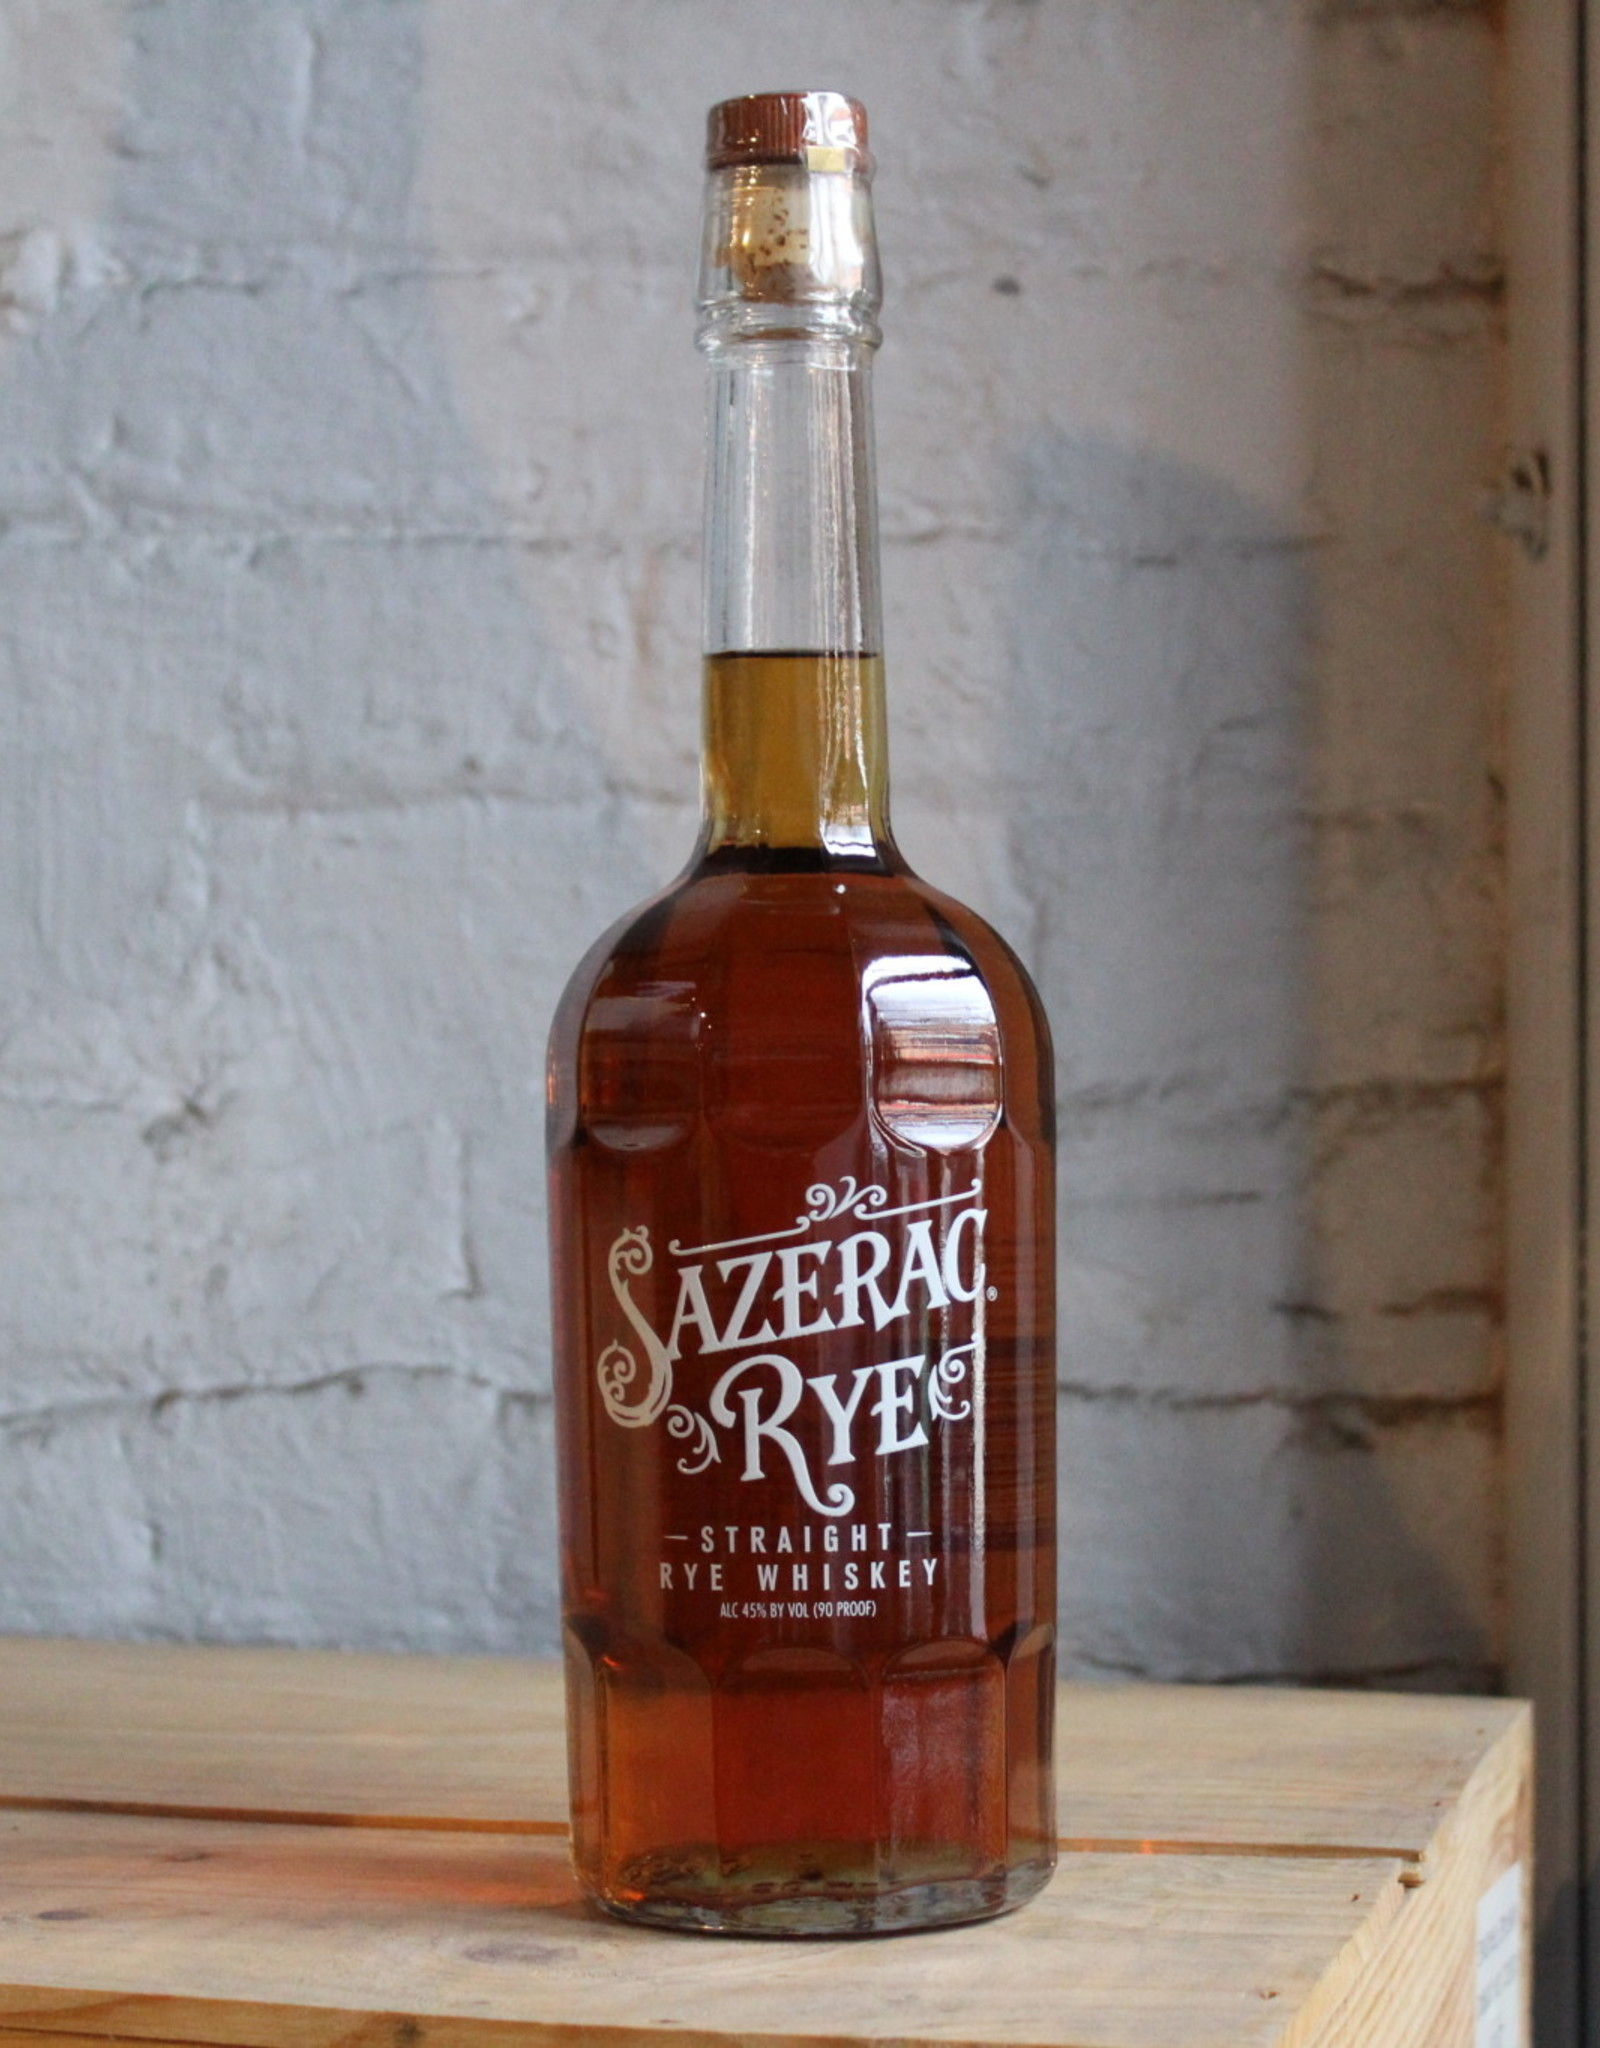 Sazerac Straight Rye Whiskey - Frankfort, KY (750ml)